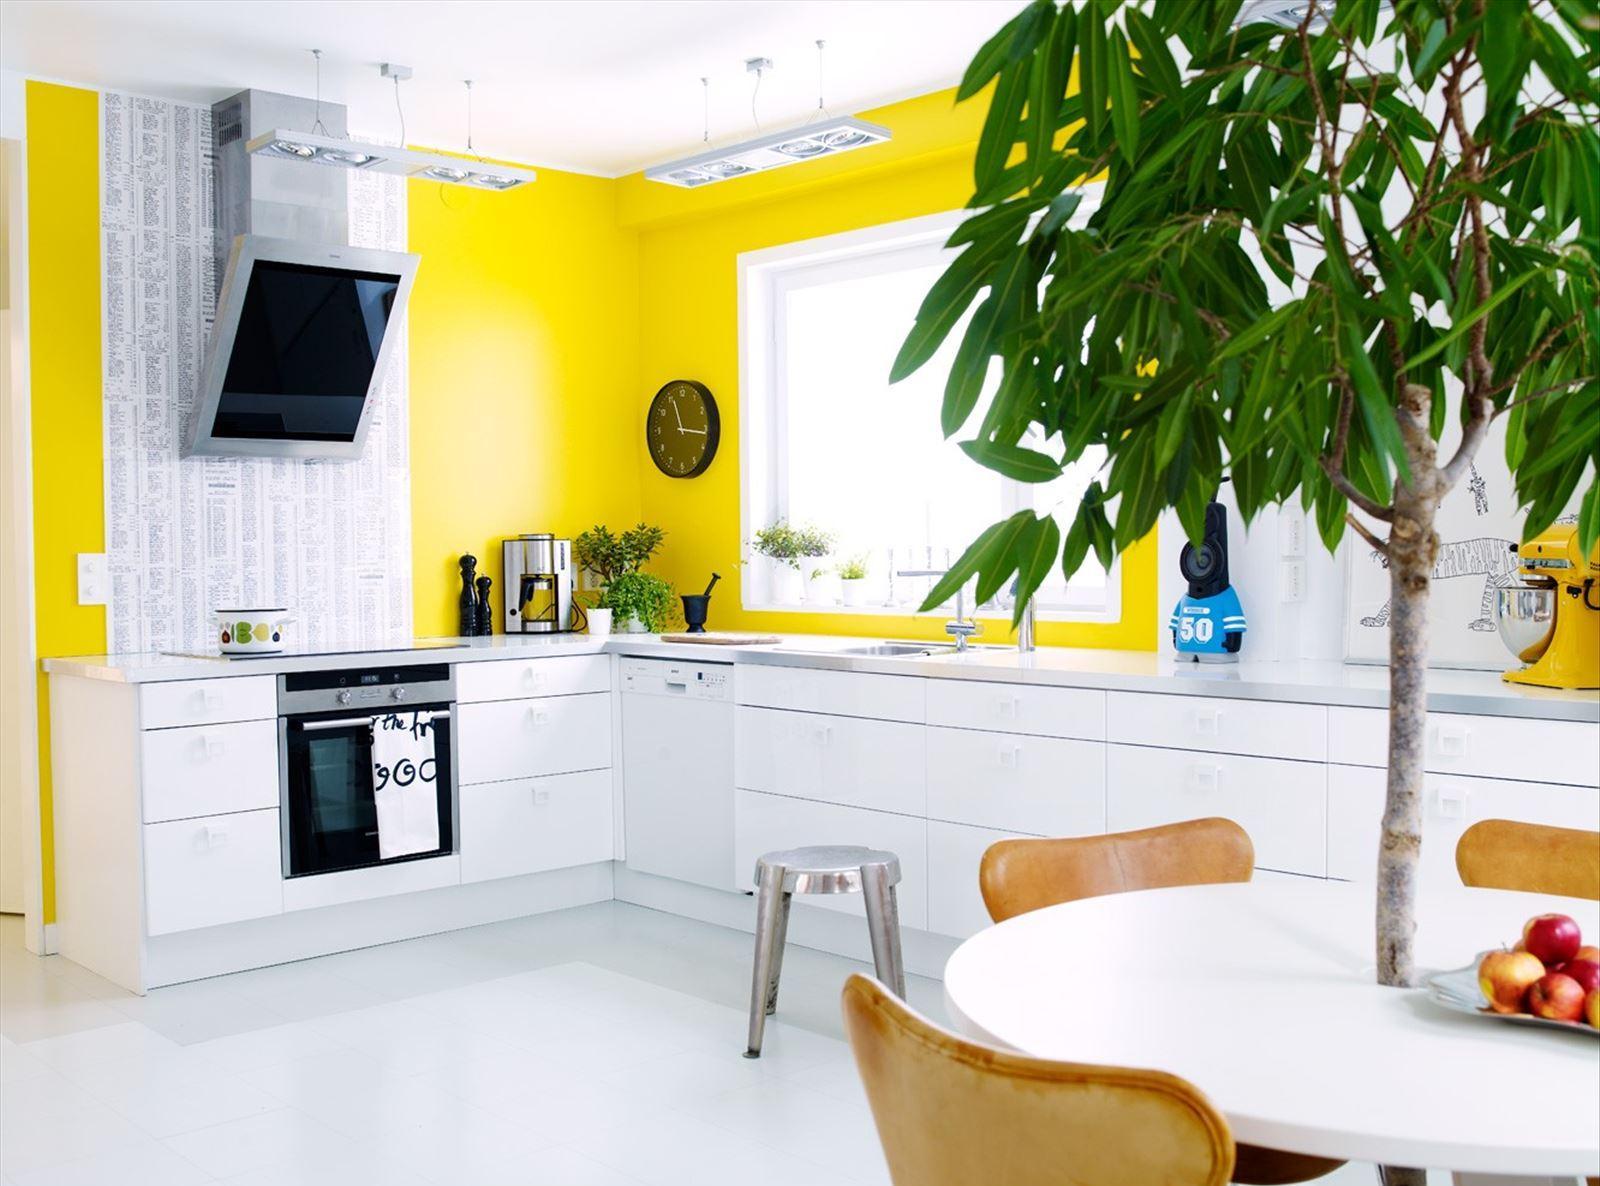 Бело-желтая кухня с живыми растениями